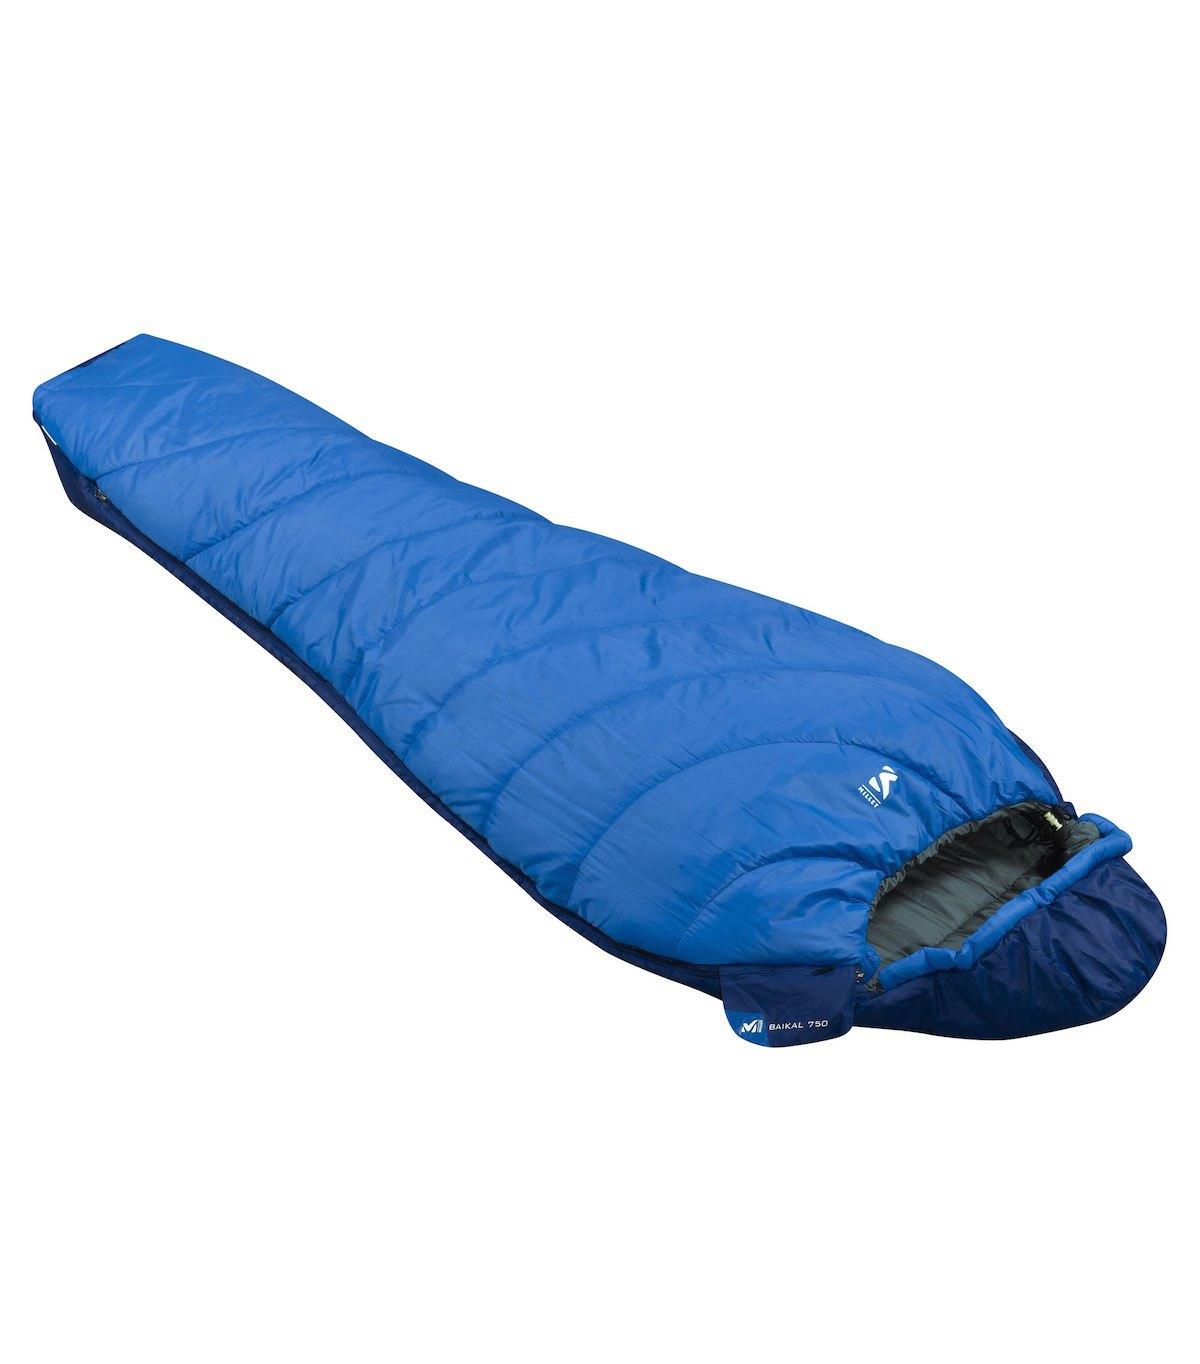 Millet - Baikal 750 Long - Saco de dormir